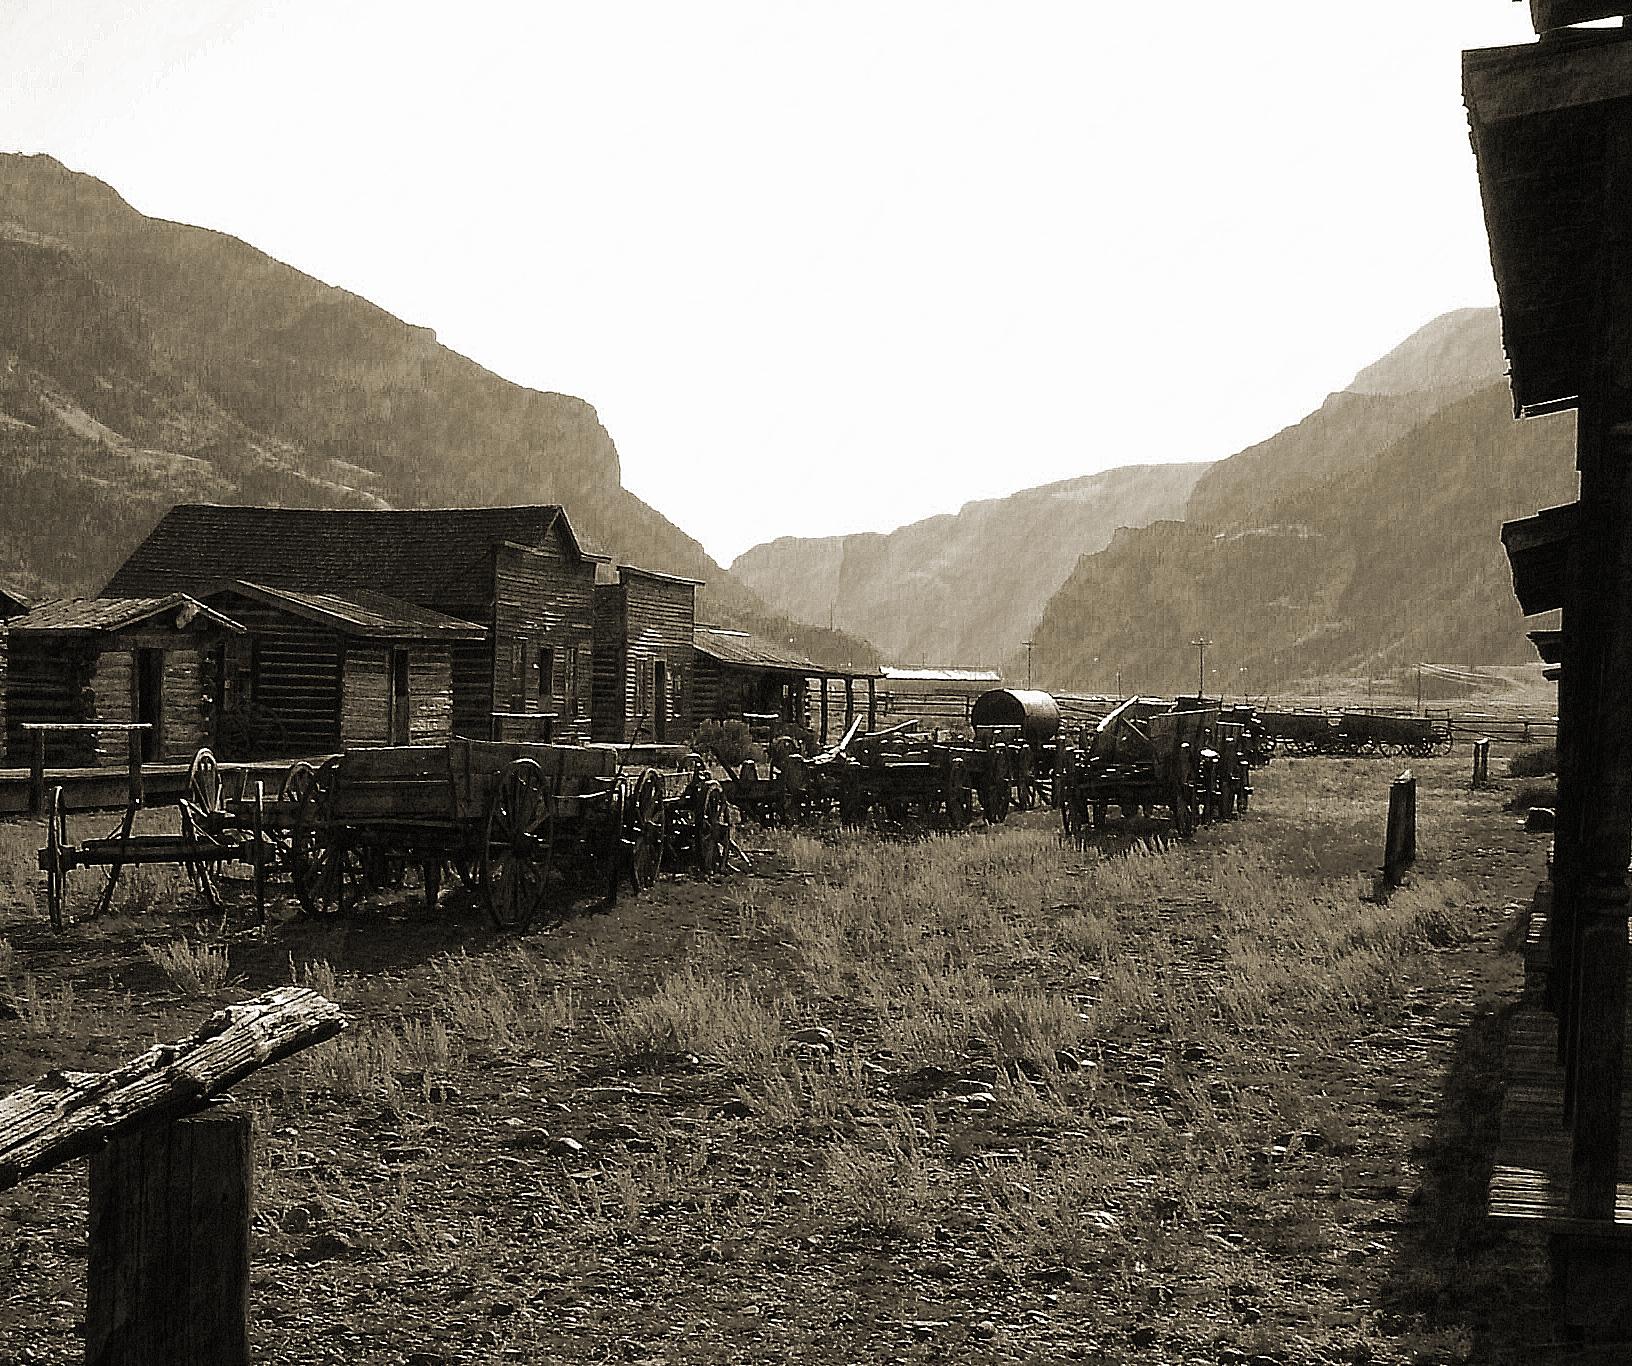 rocky mountain ghost townfel2norak on deviantart